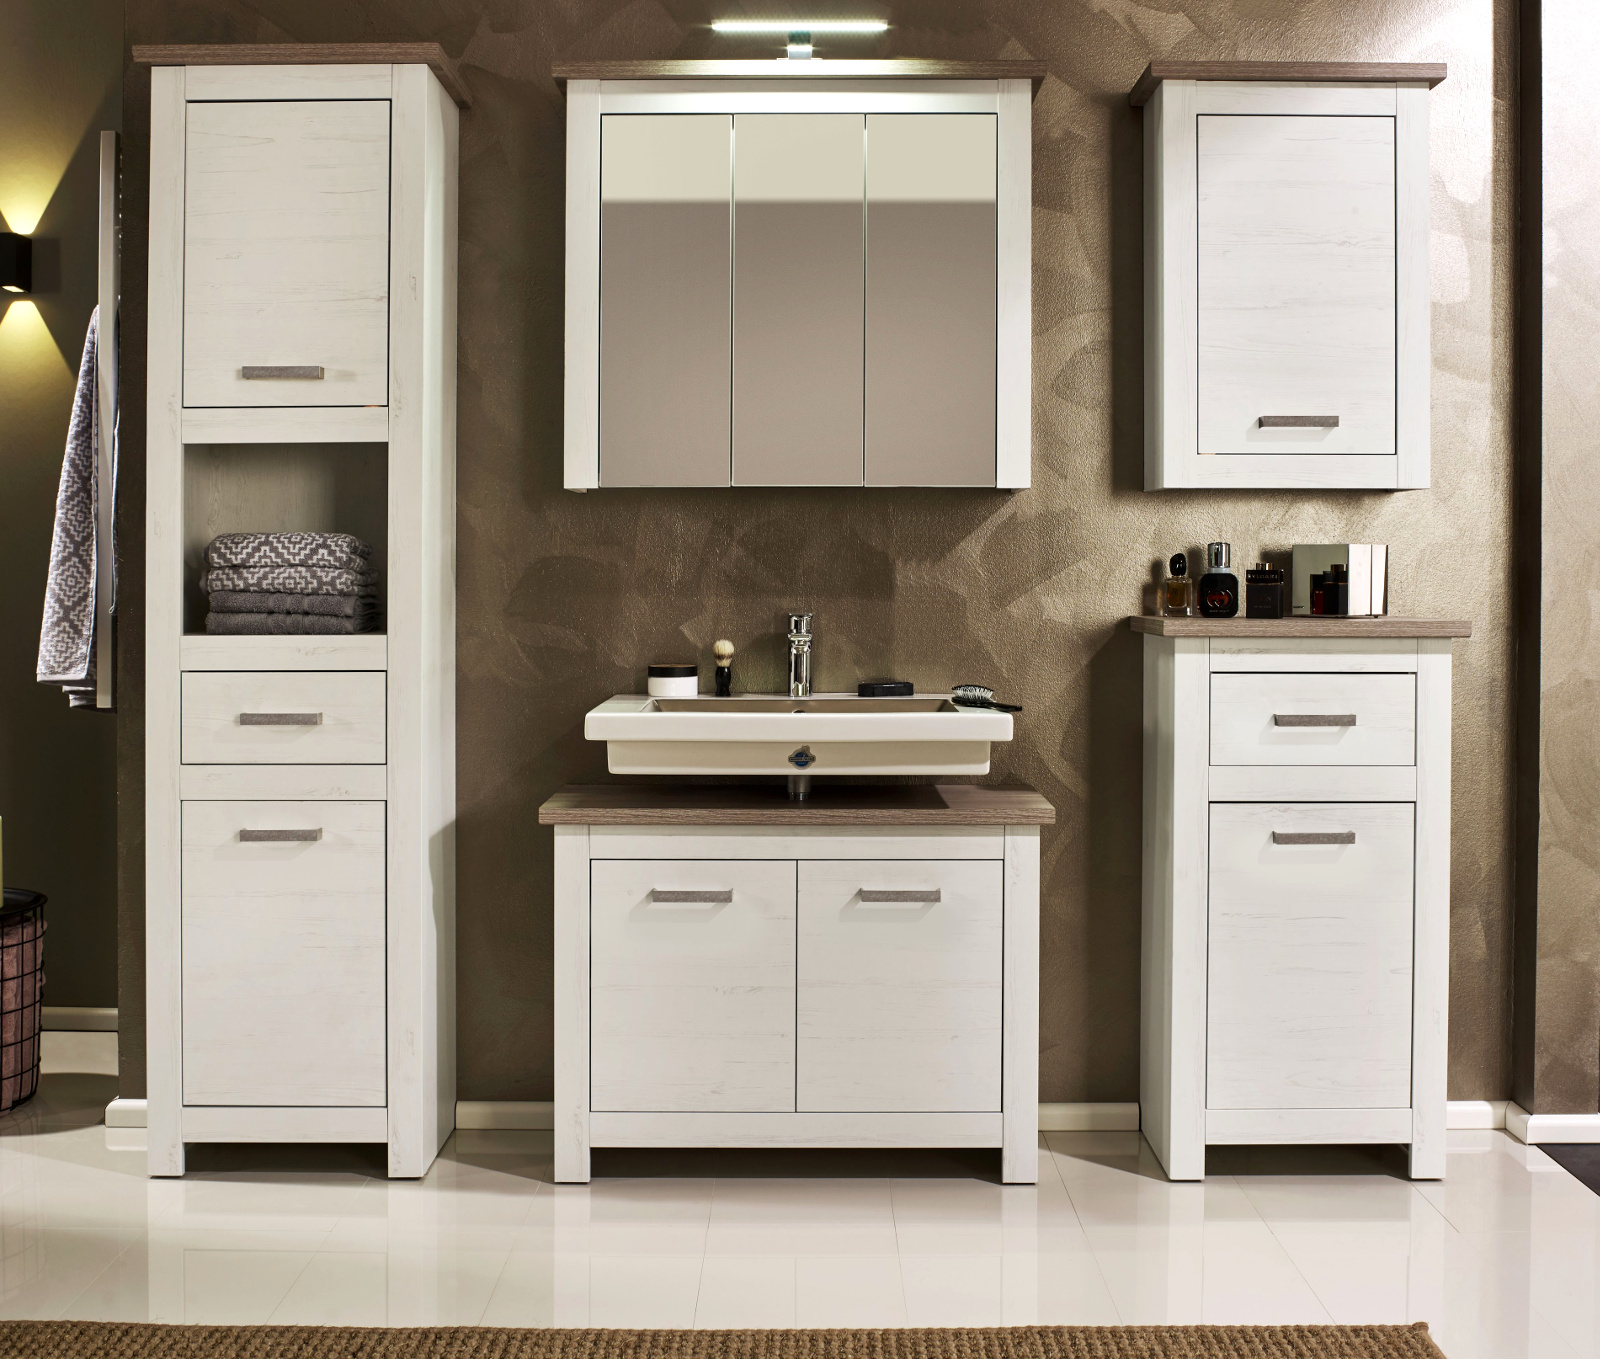 badezimmer waschbeckenuntersch lotte struktur wei. Black Bedroom Furniture Sets. Home Design Ideas